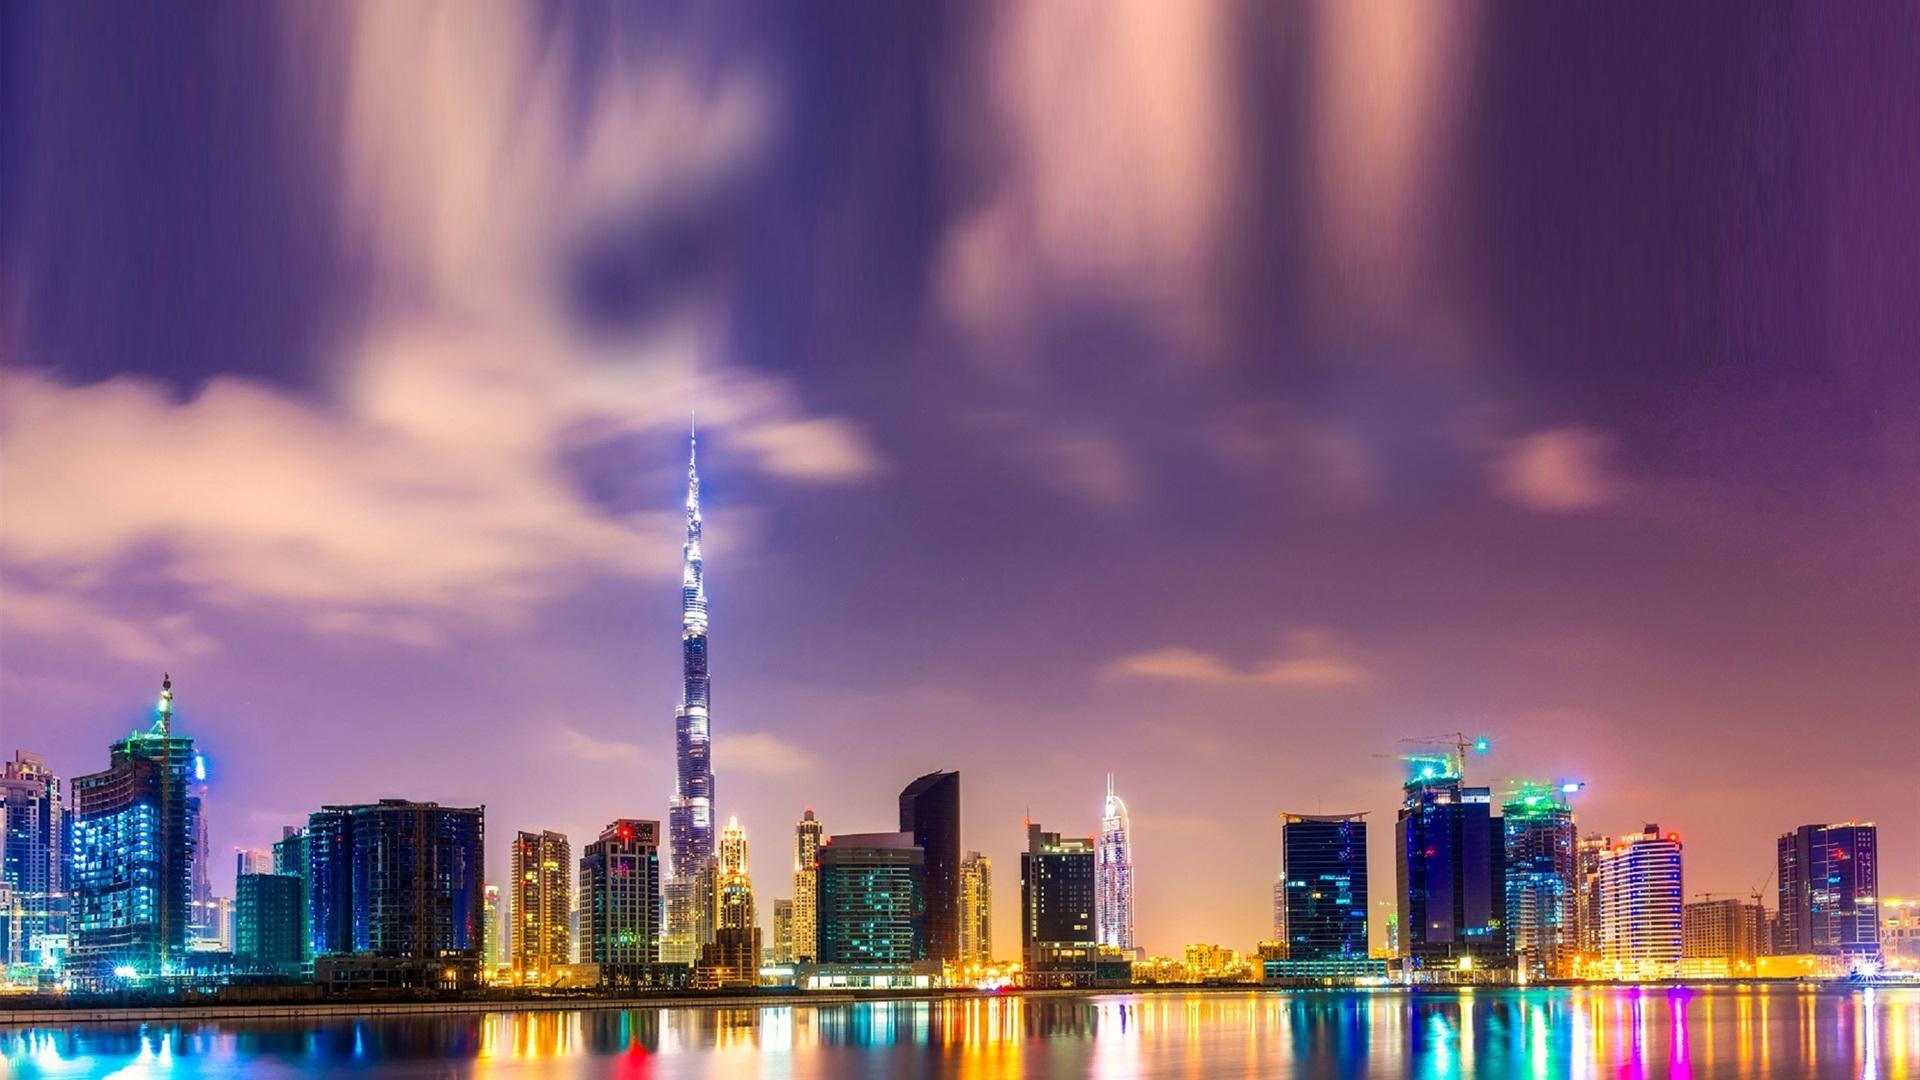 Beautiful Night In Dubai Burj Khalifa High Rise Buildings